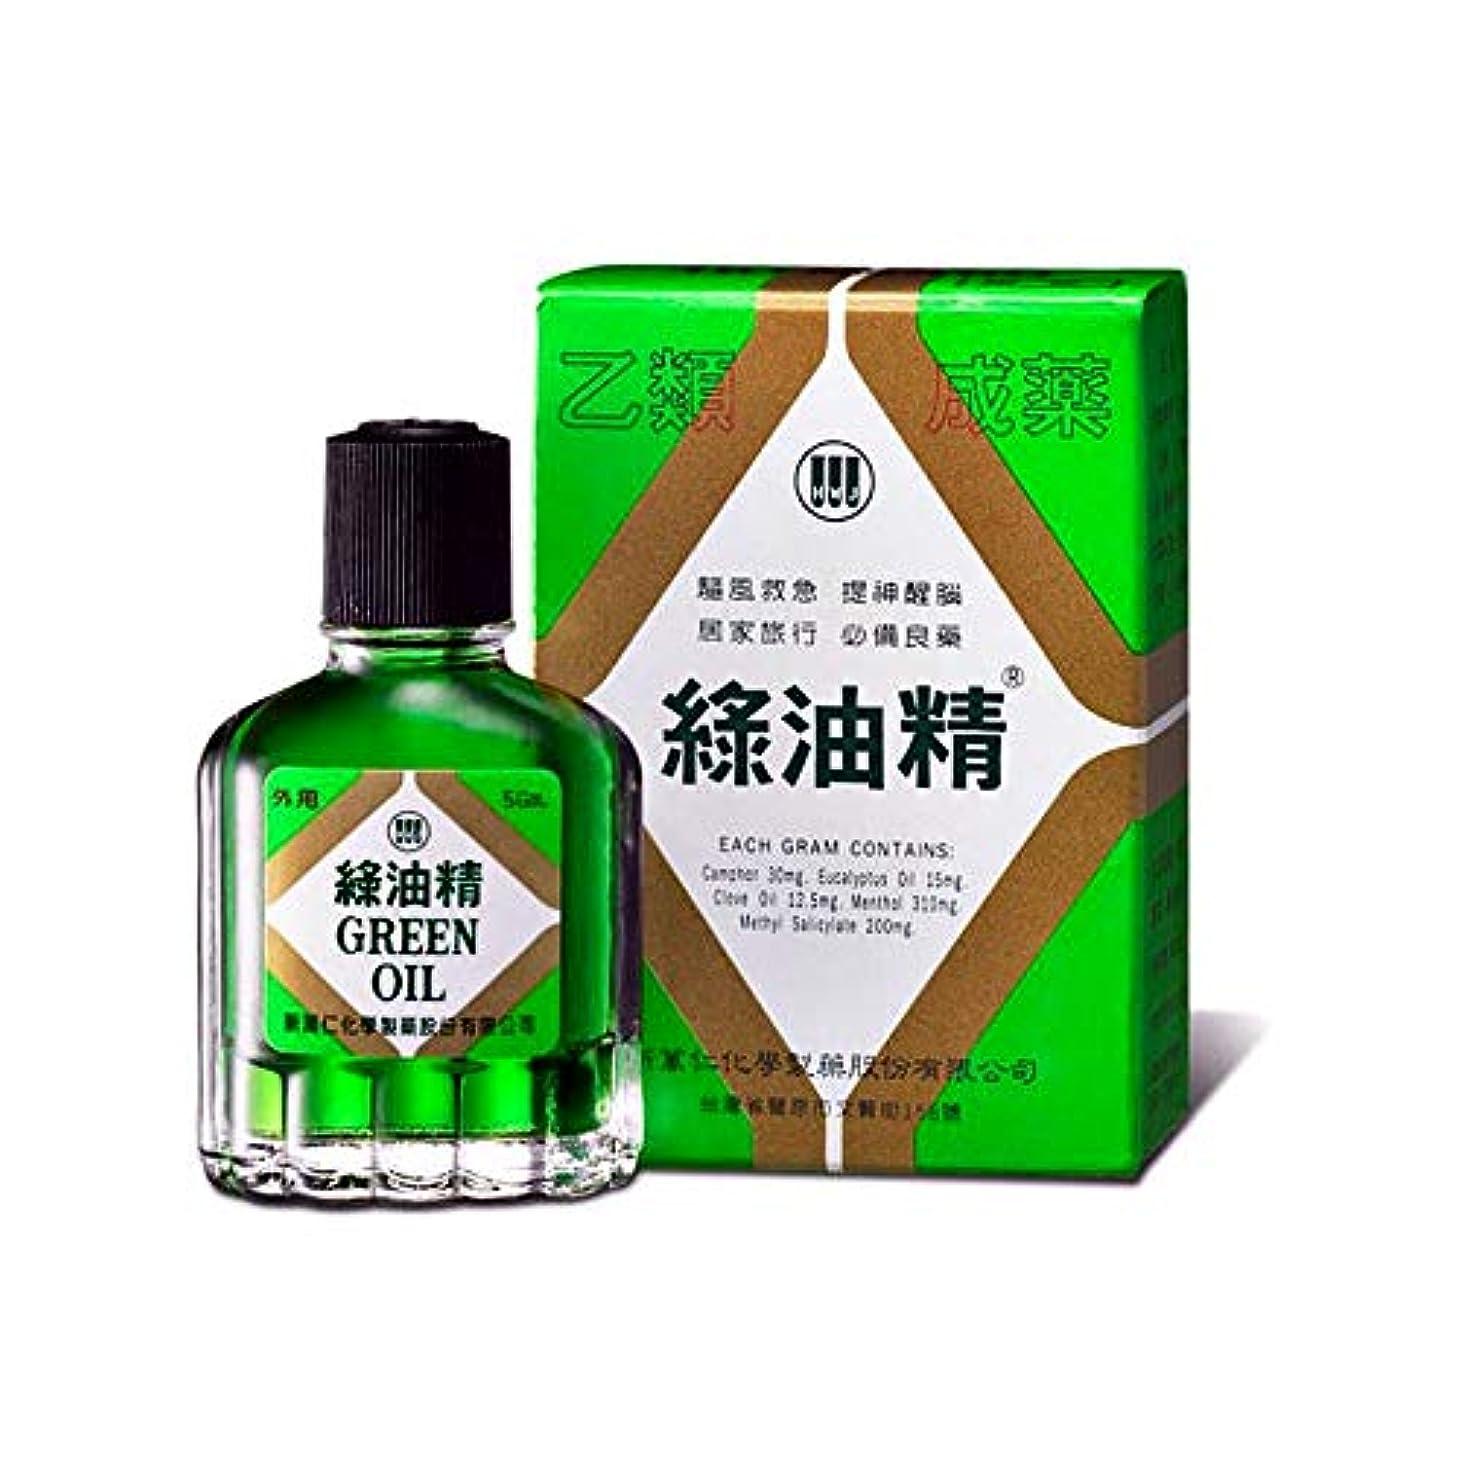 信念半径エール《新萬仁》台湾の万能グリーンオイル 緑油精 5g 《台湾 お土産》 [並行輸入品]